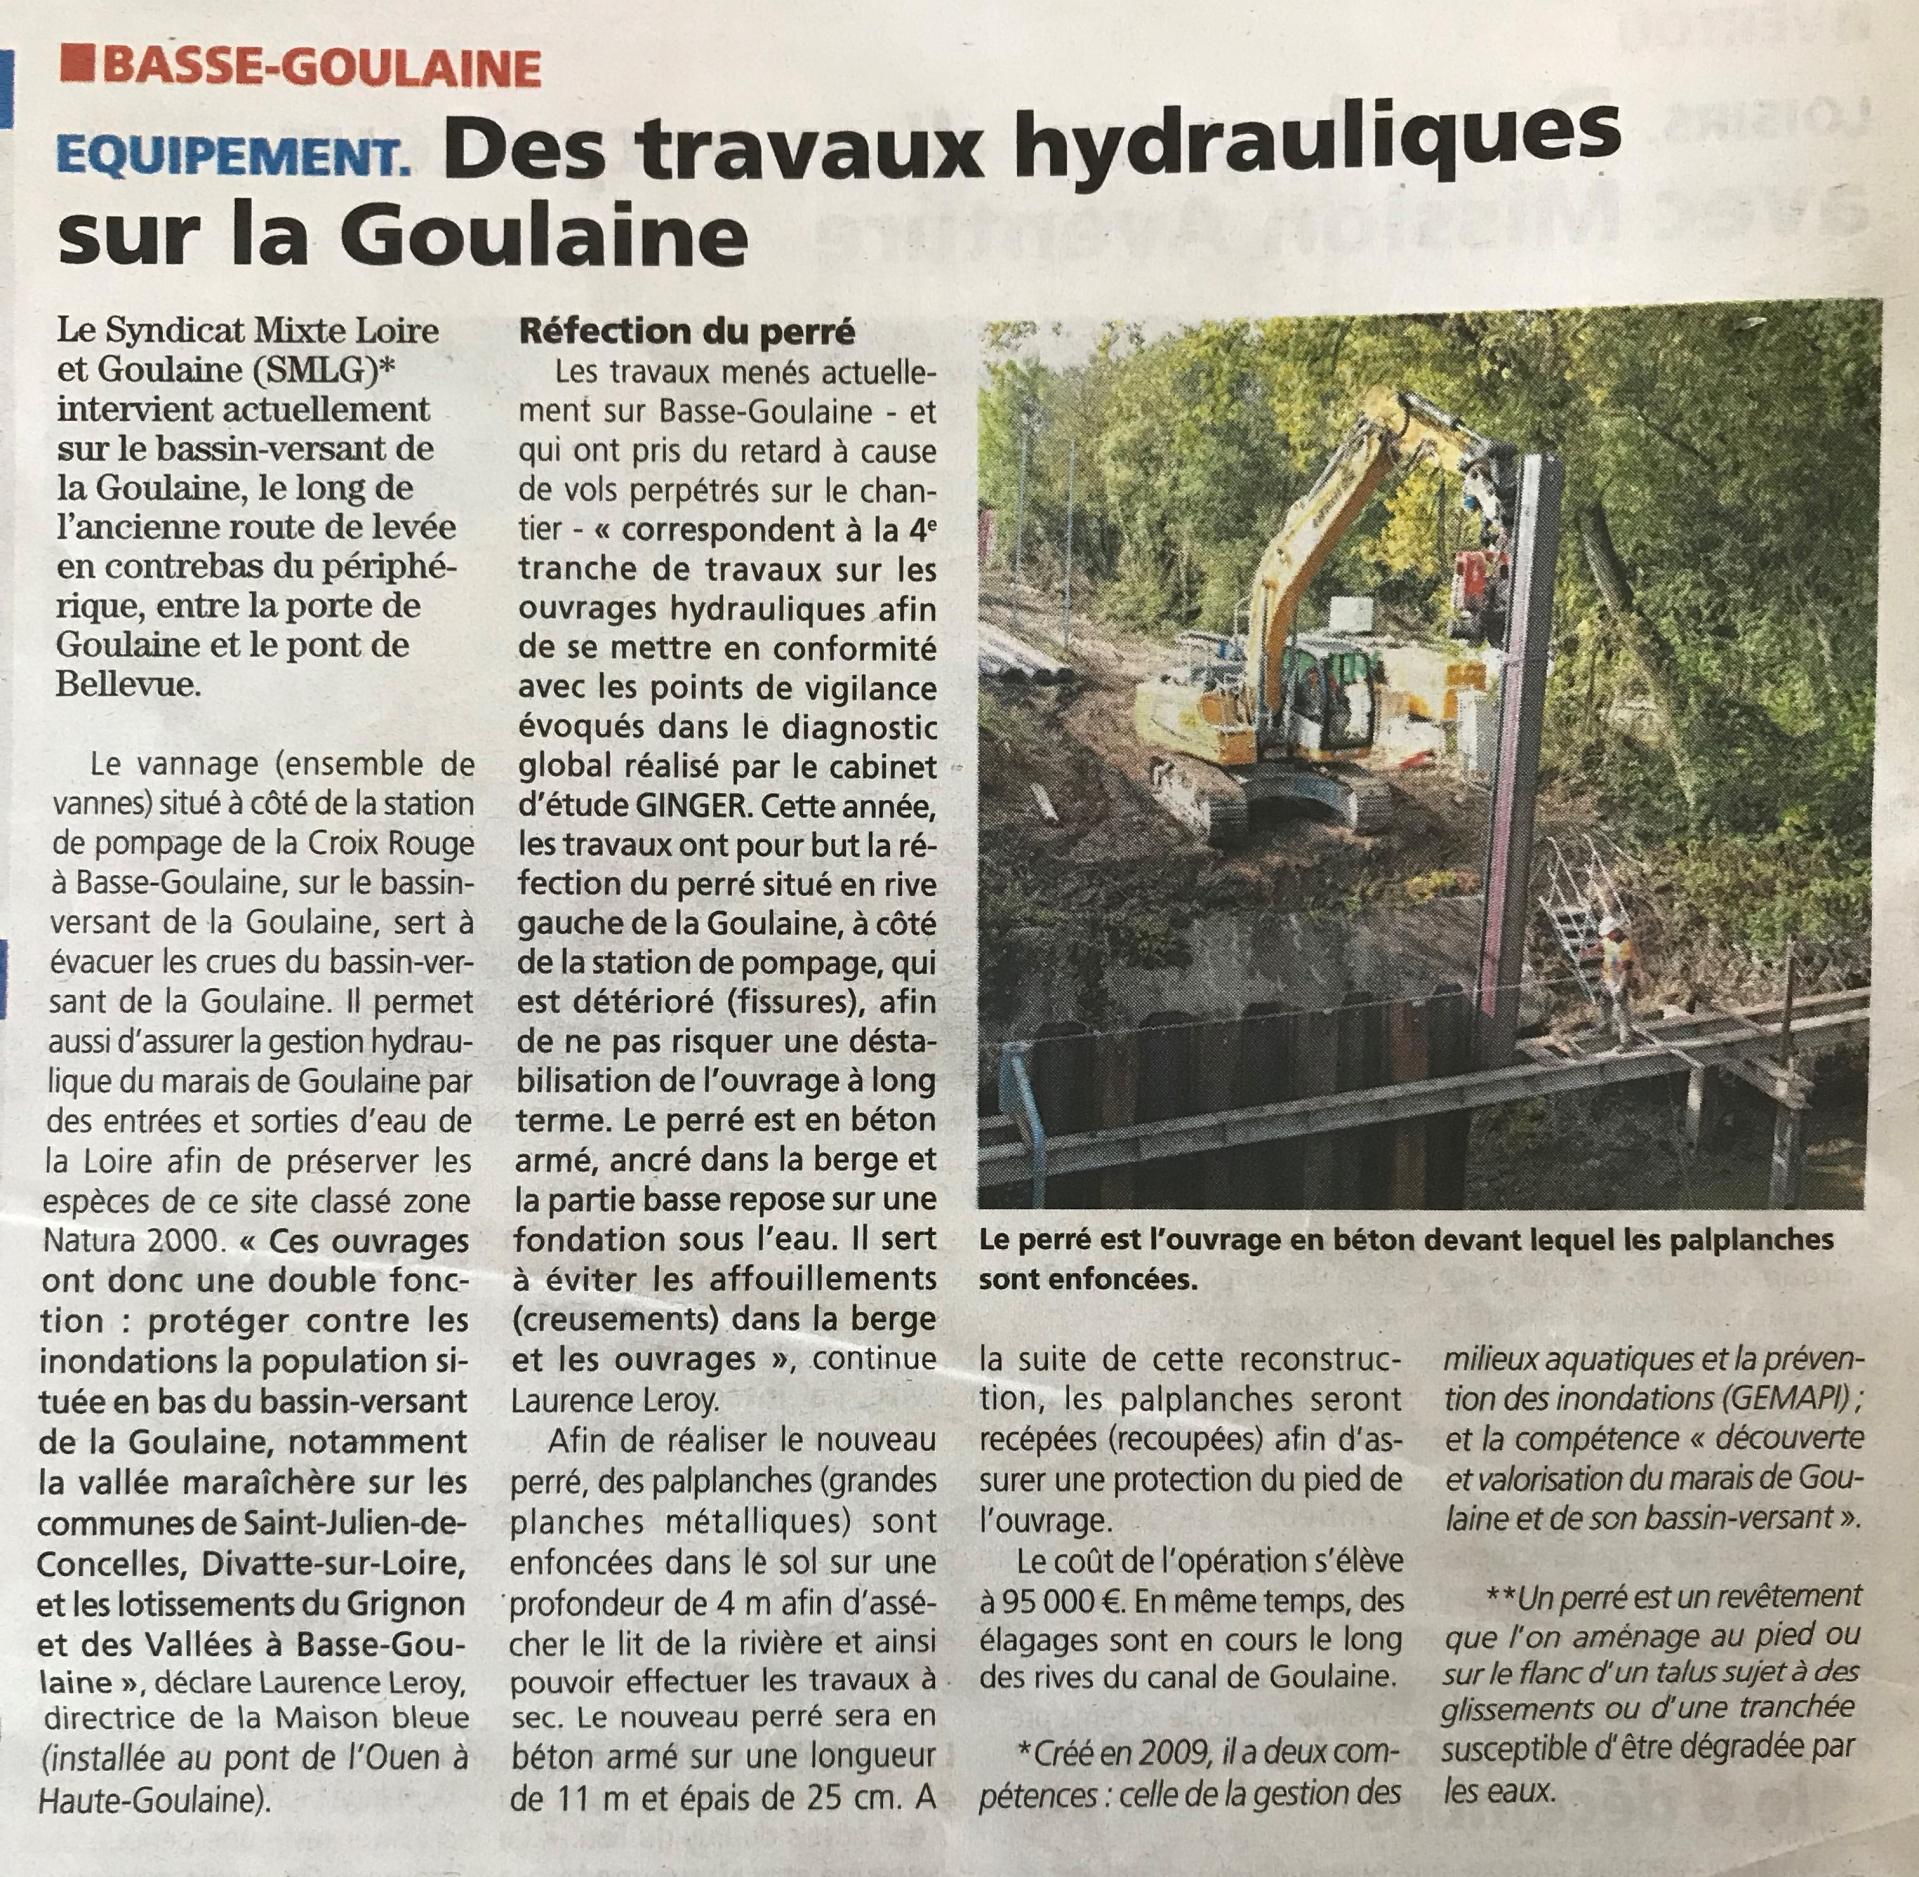 2018 11 01 hebdo des travaux hydrauliques sur la goulaine 2